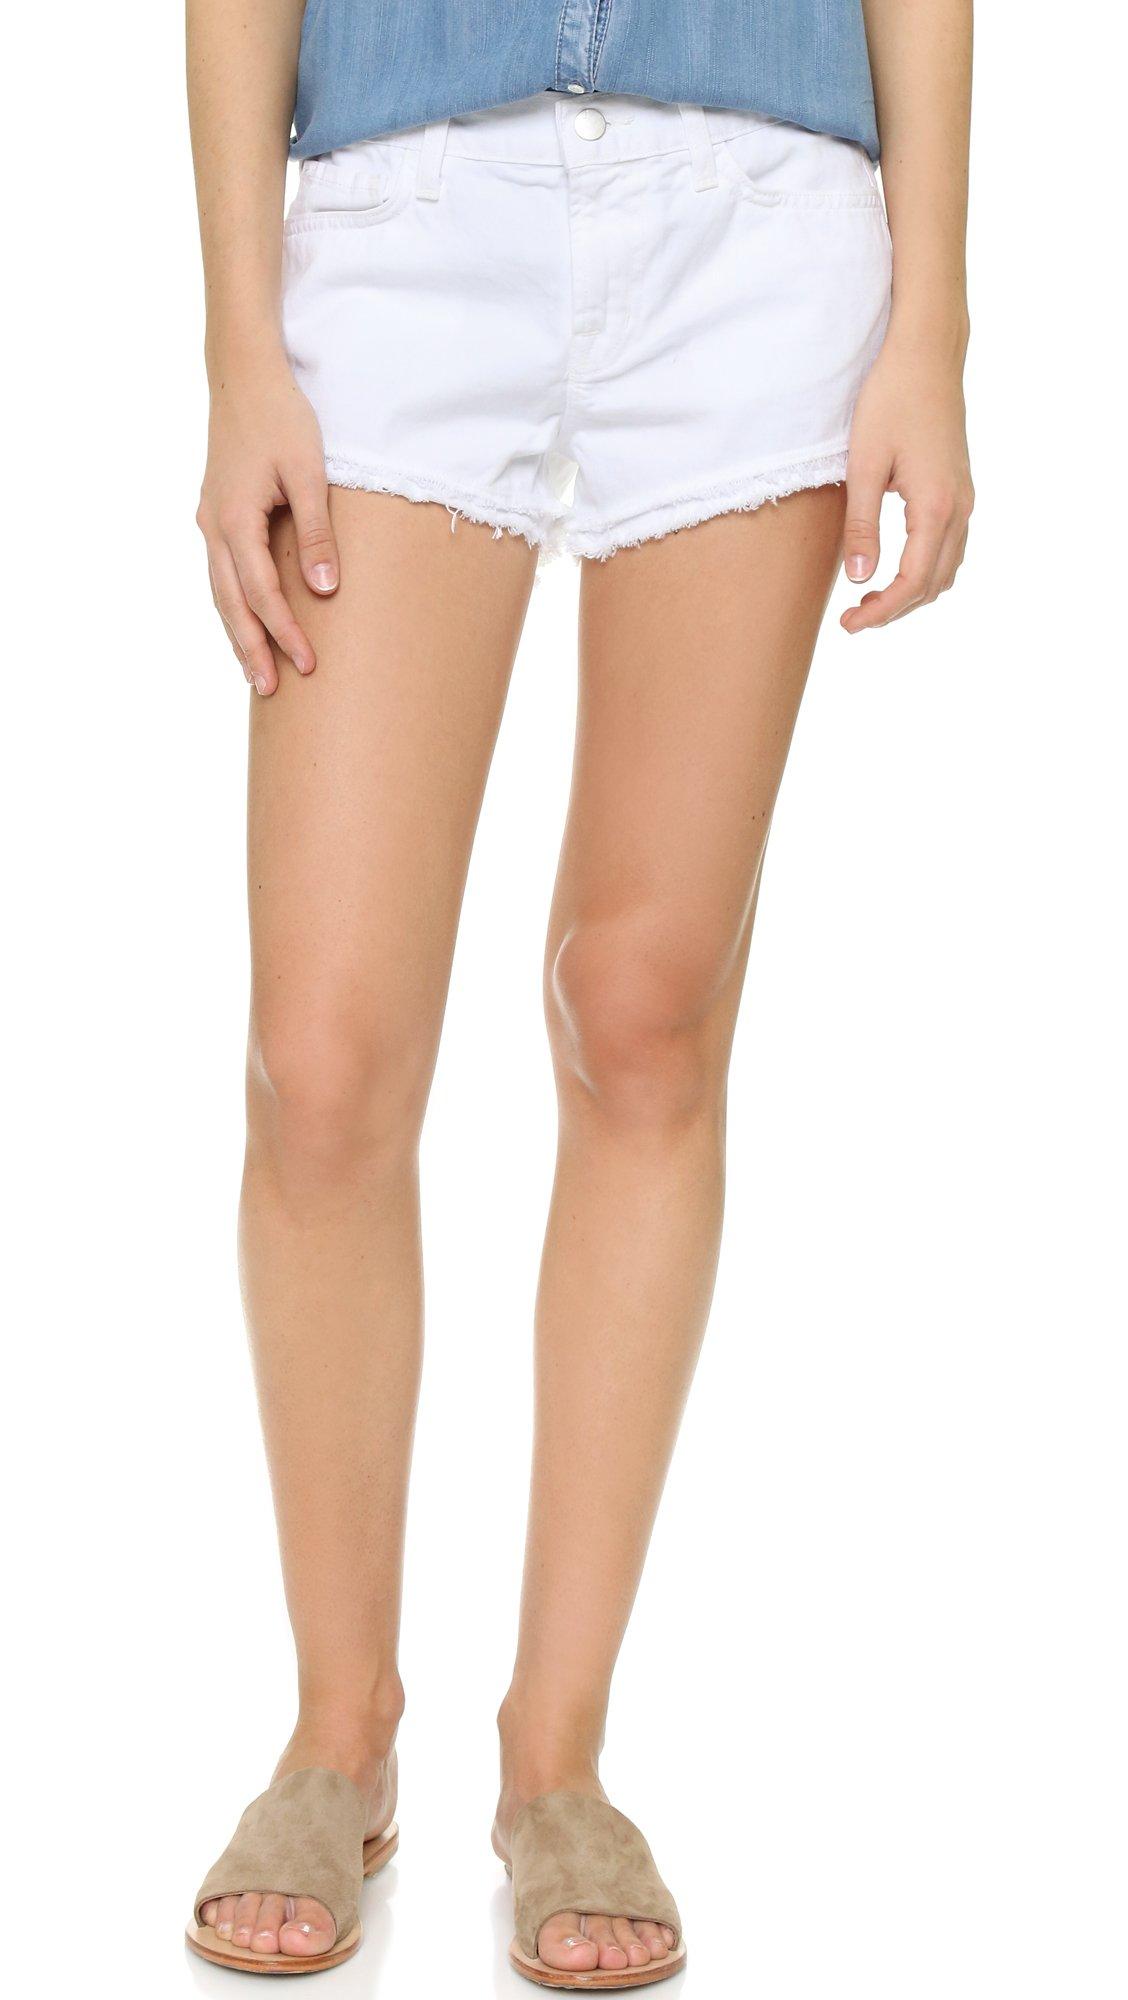 J Brand Women's Sachi Cut Off Shorts, White, 27